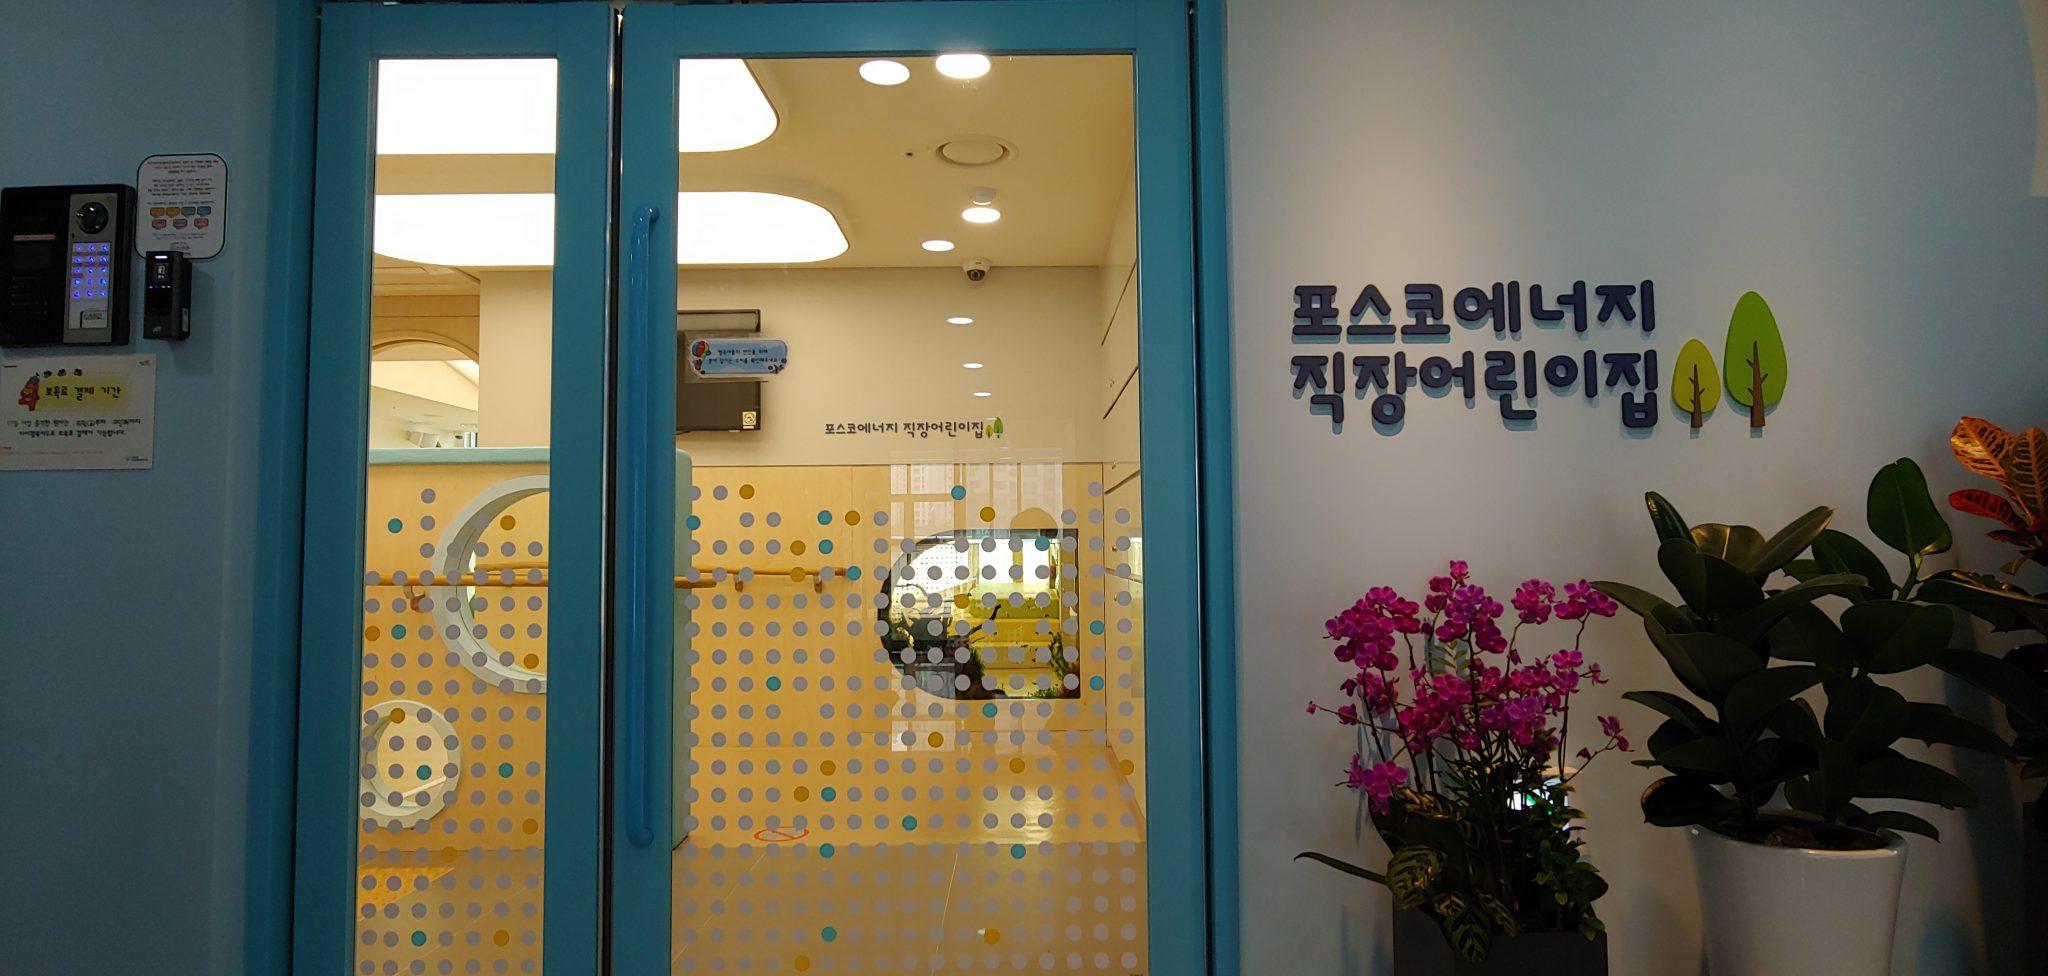 포스코 에너지 직장 어린이집 티엔 나노방진망 설치